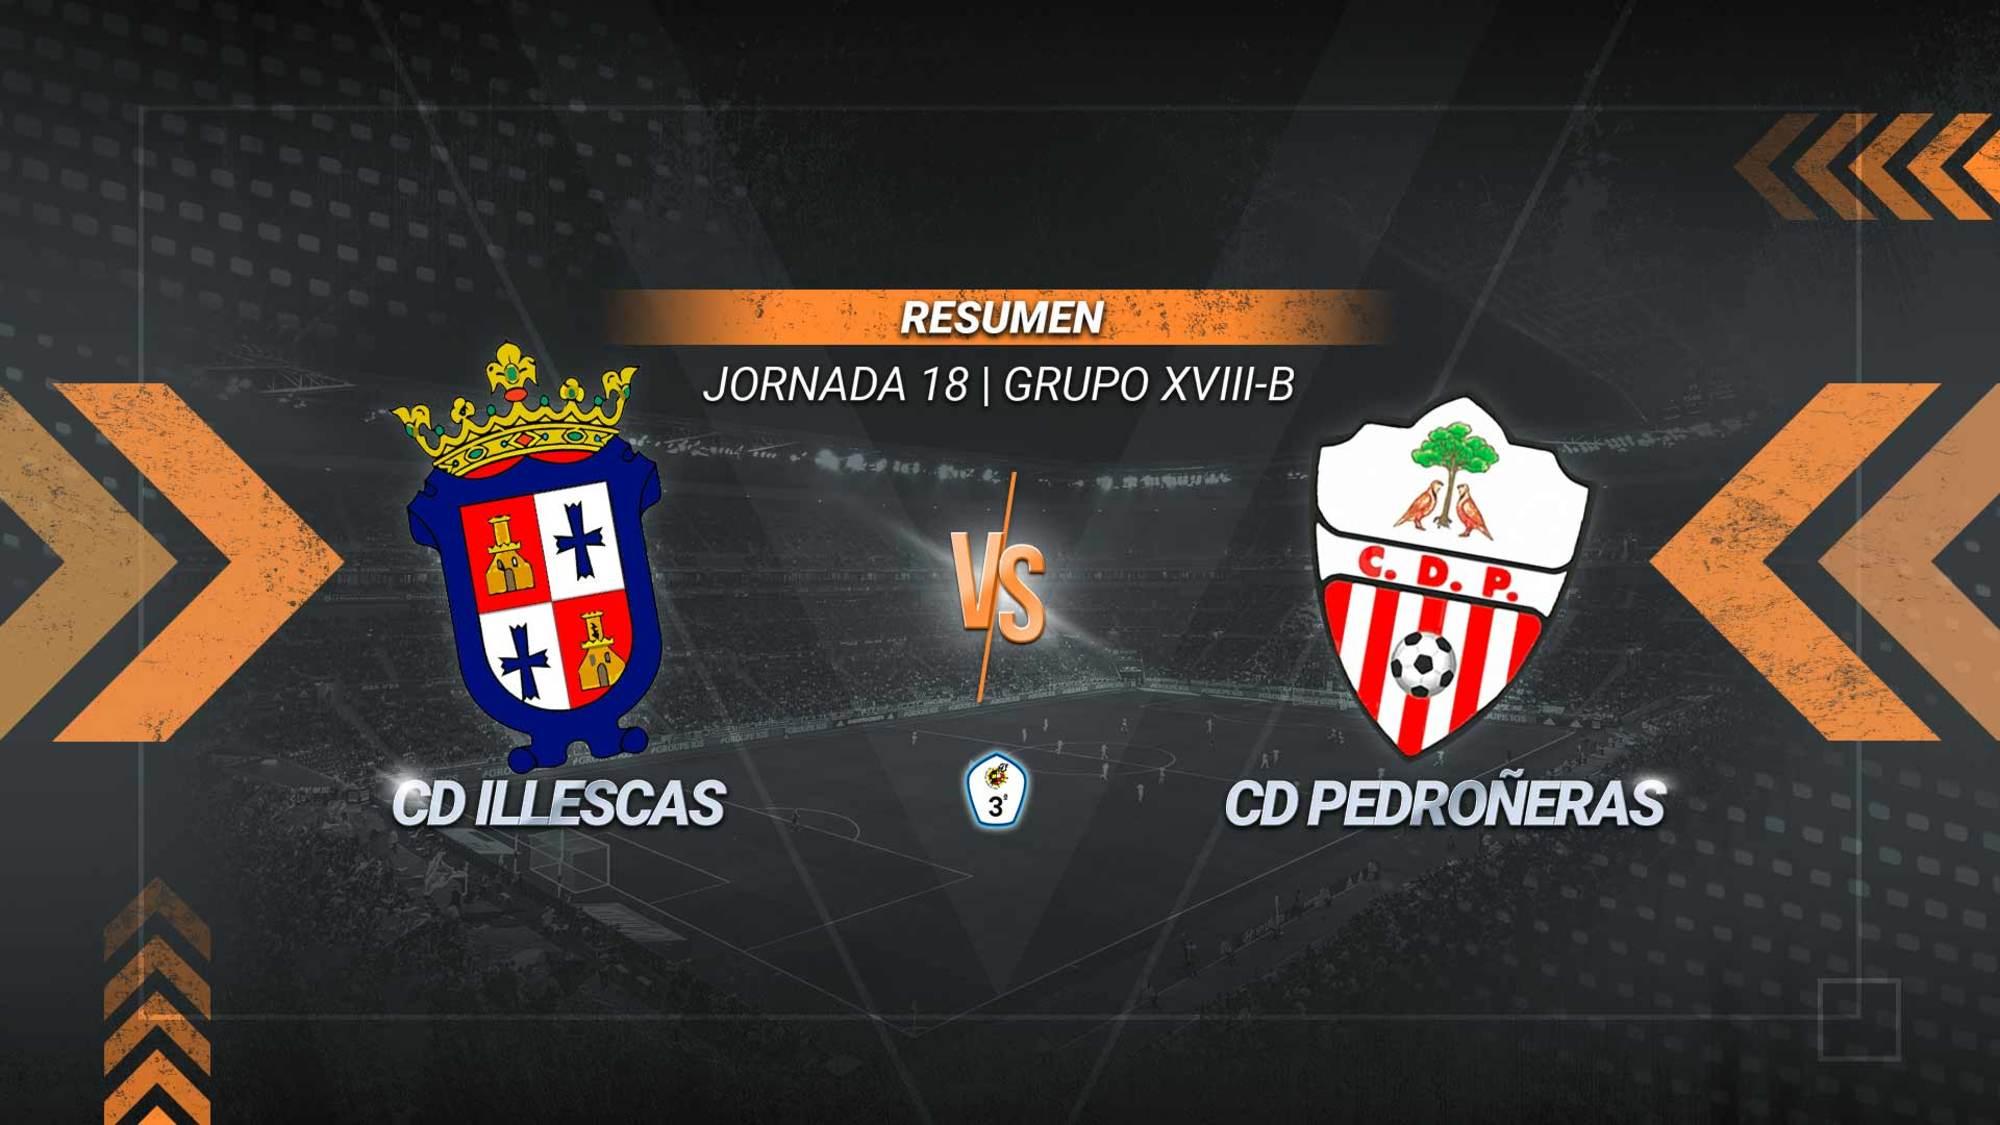 Owen y Pablo Jiménez rompen la sequía del Illescas, que no ganaba desde el 20 de diciembre, y firman la primera victoria con Javier Meléndez al frente del equipo. El Pedroñeras cae a la última posición de la tabla.